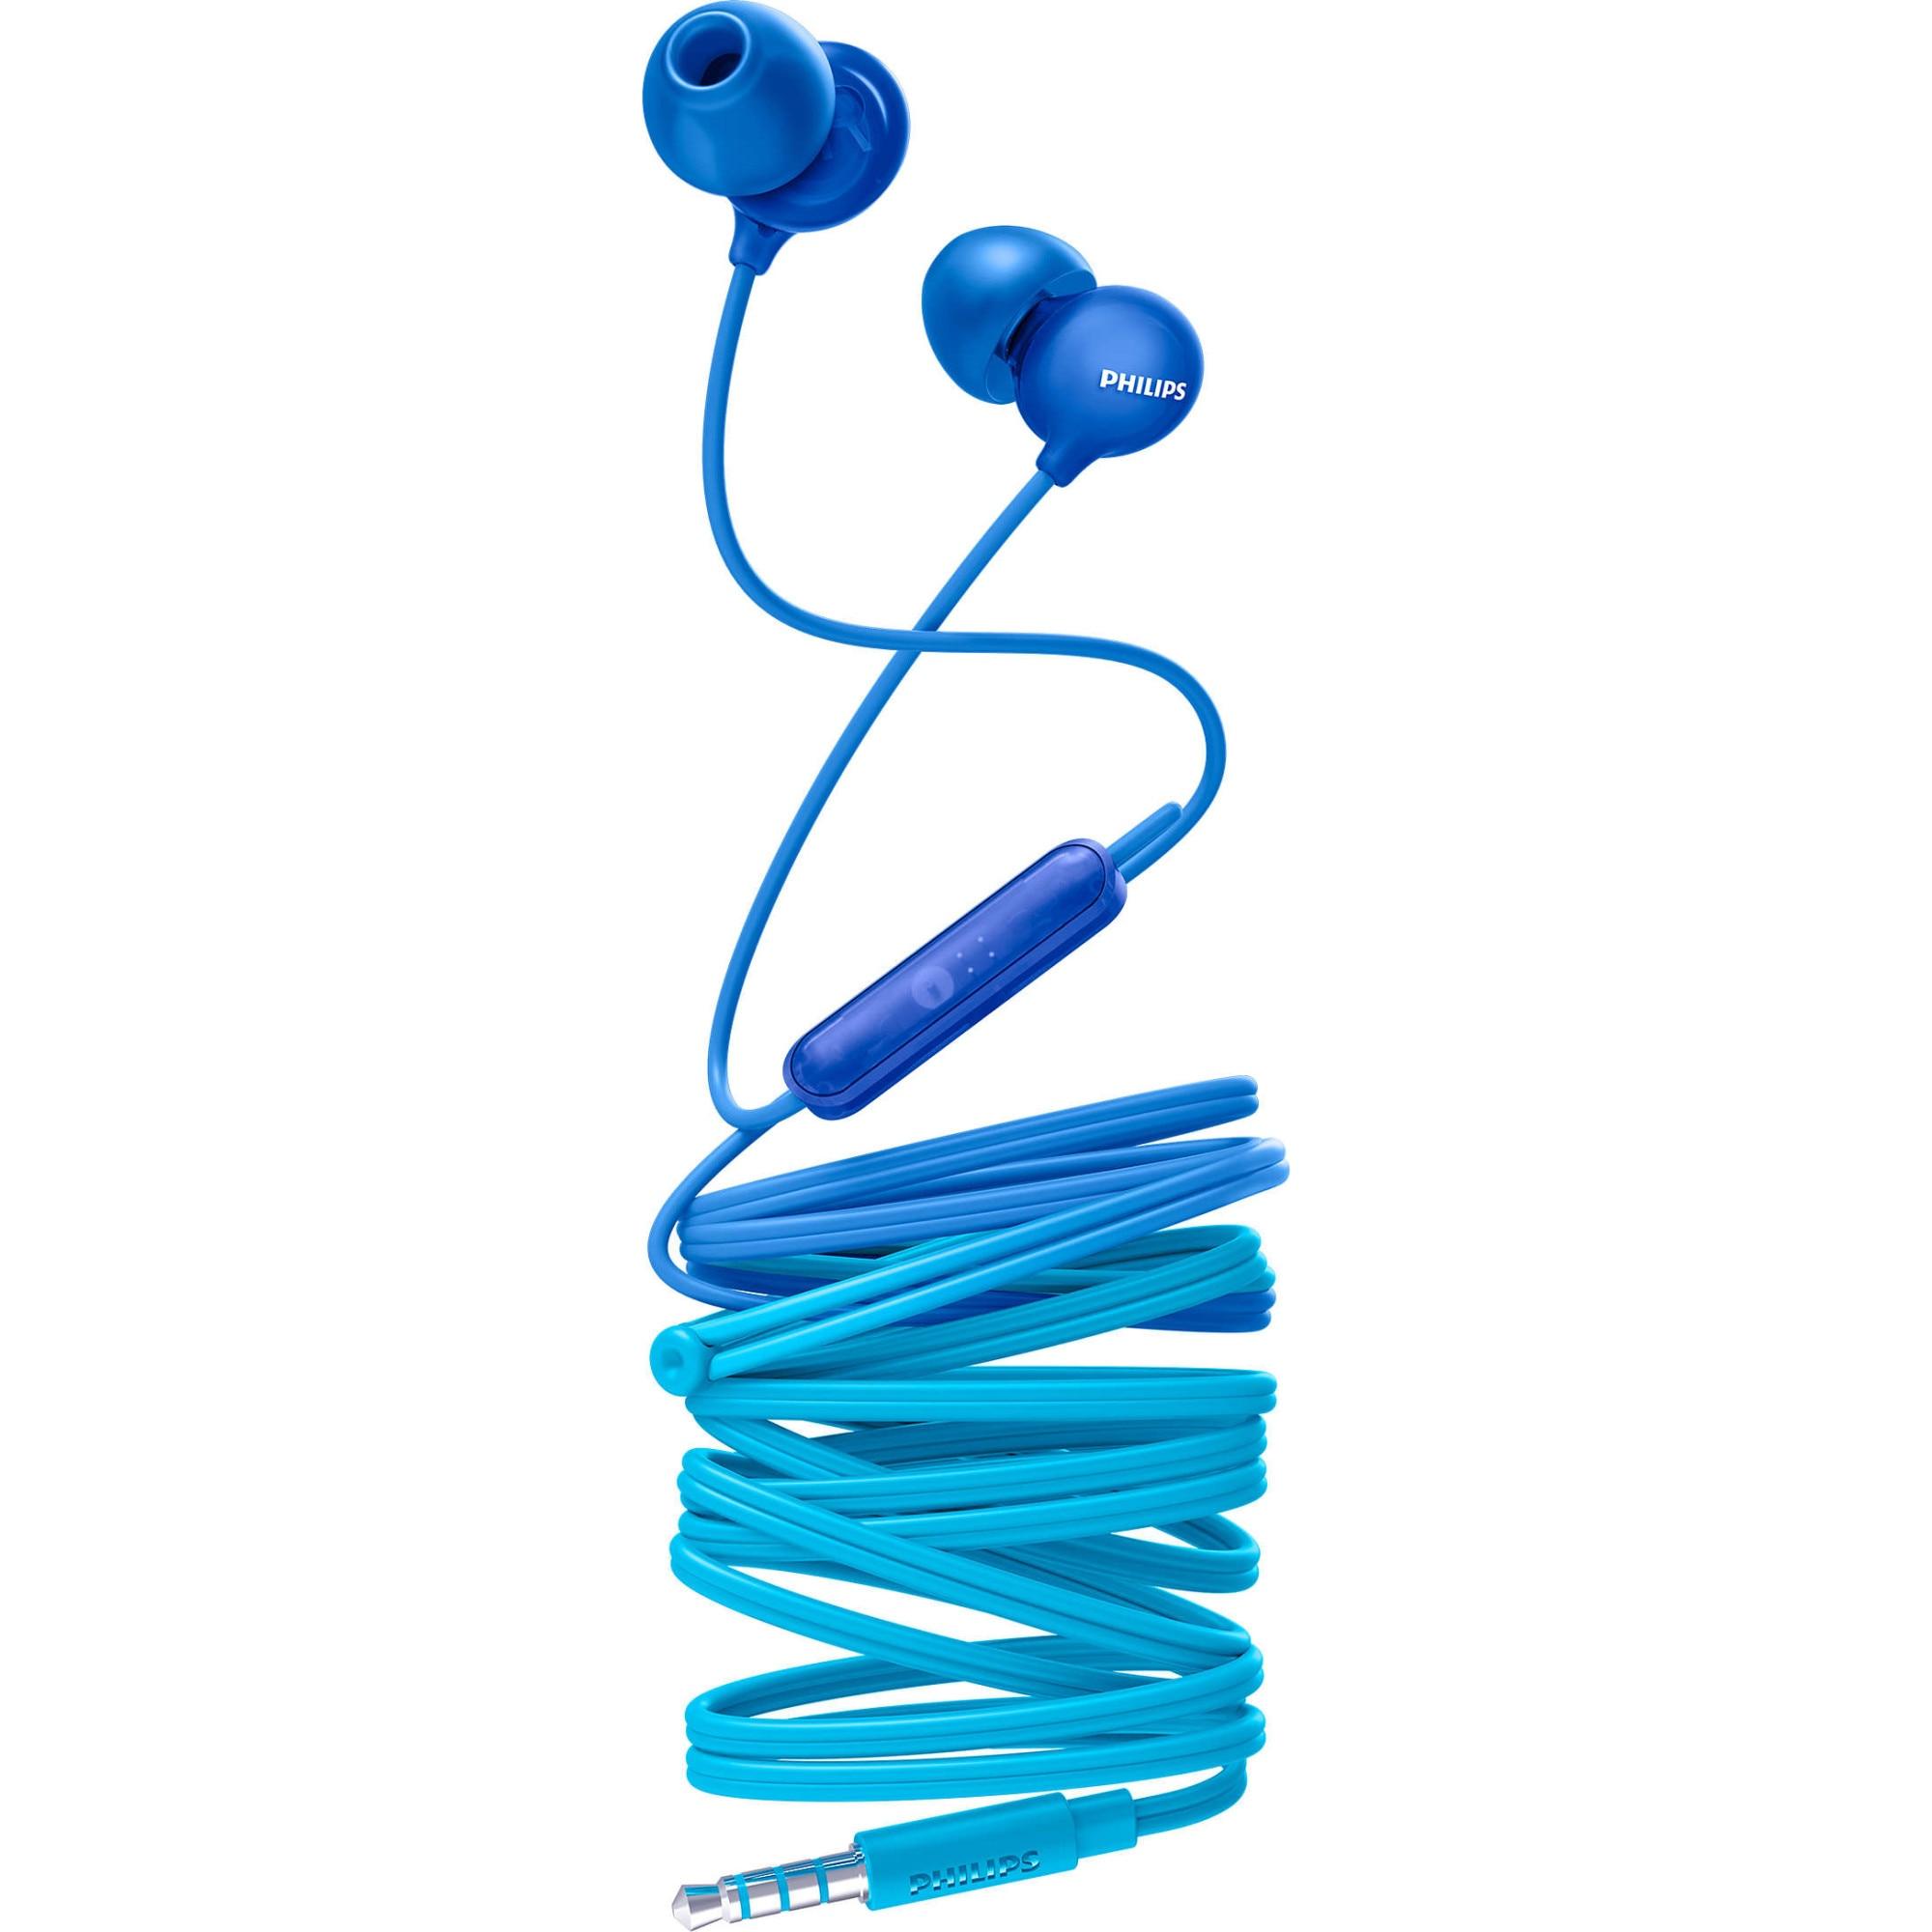 Fotografie Casti Audio In-Ear Philips, SHE2405BL/00, cu fir, Microfon, Albastru